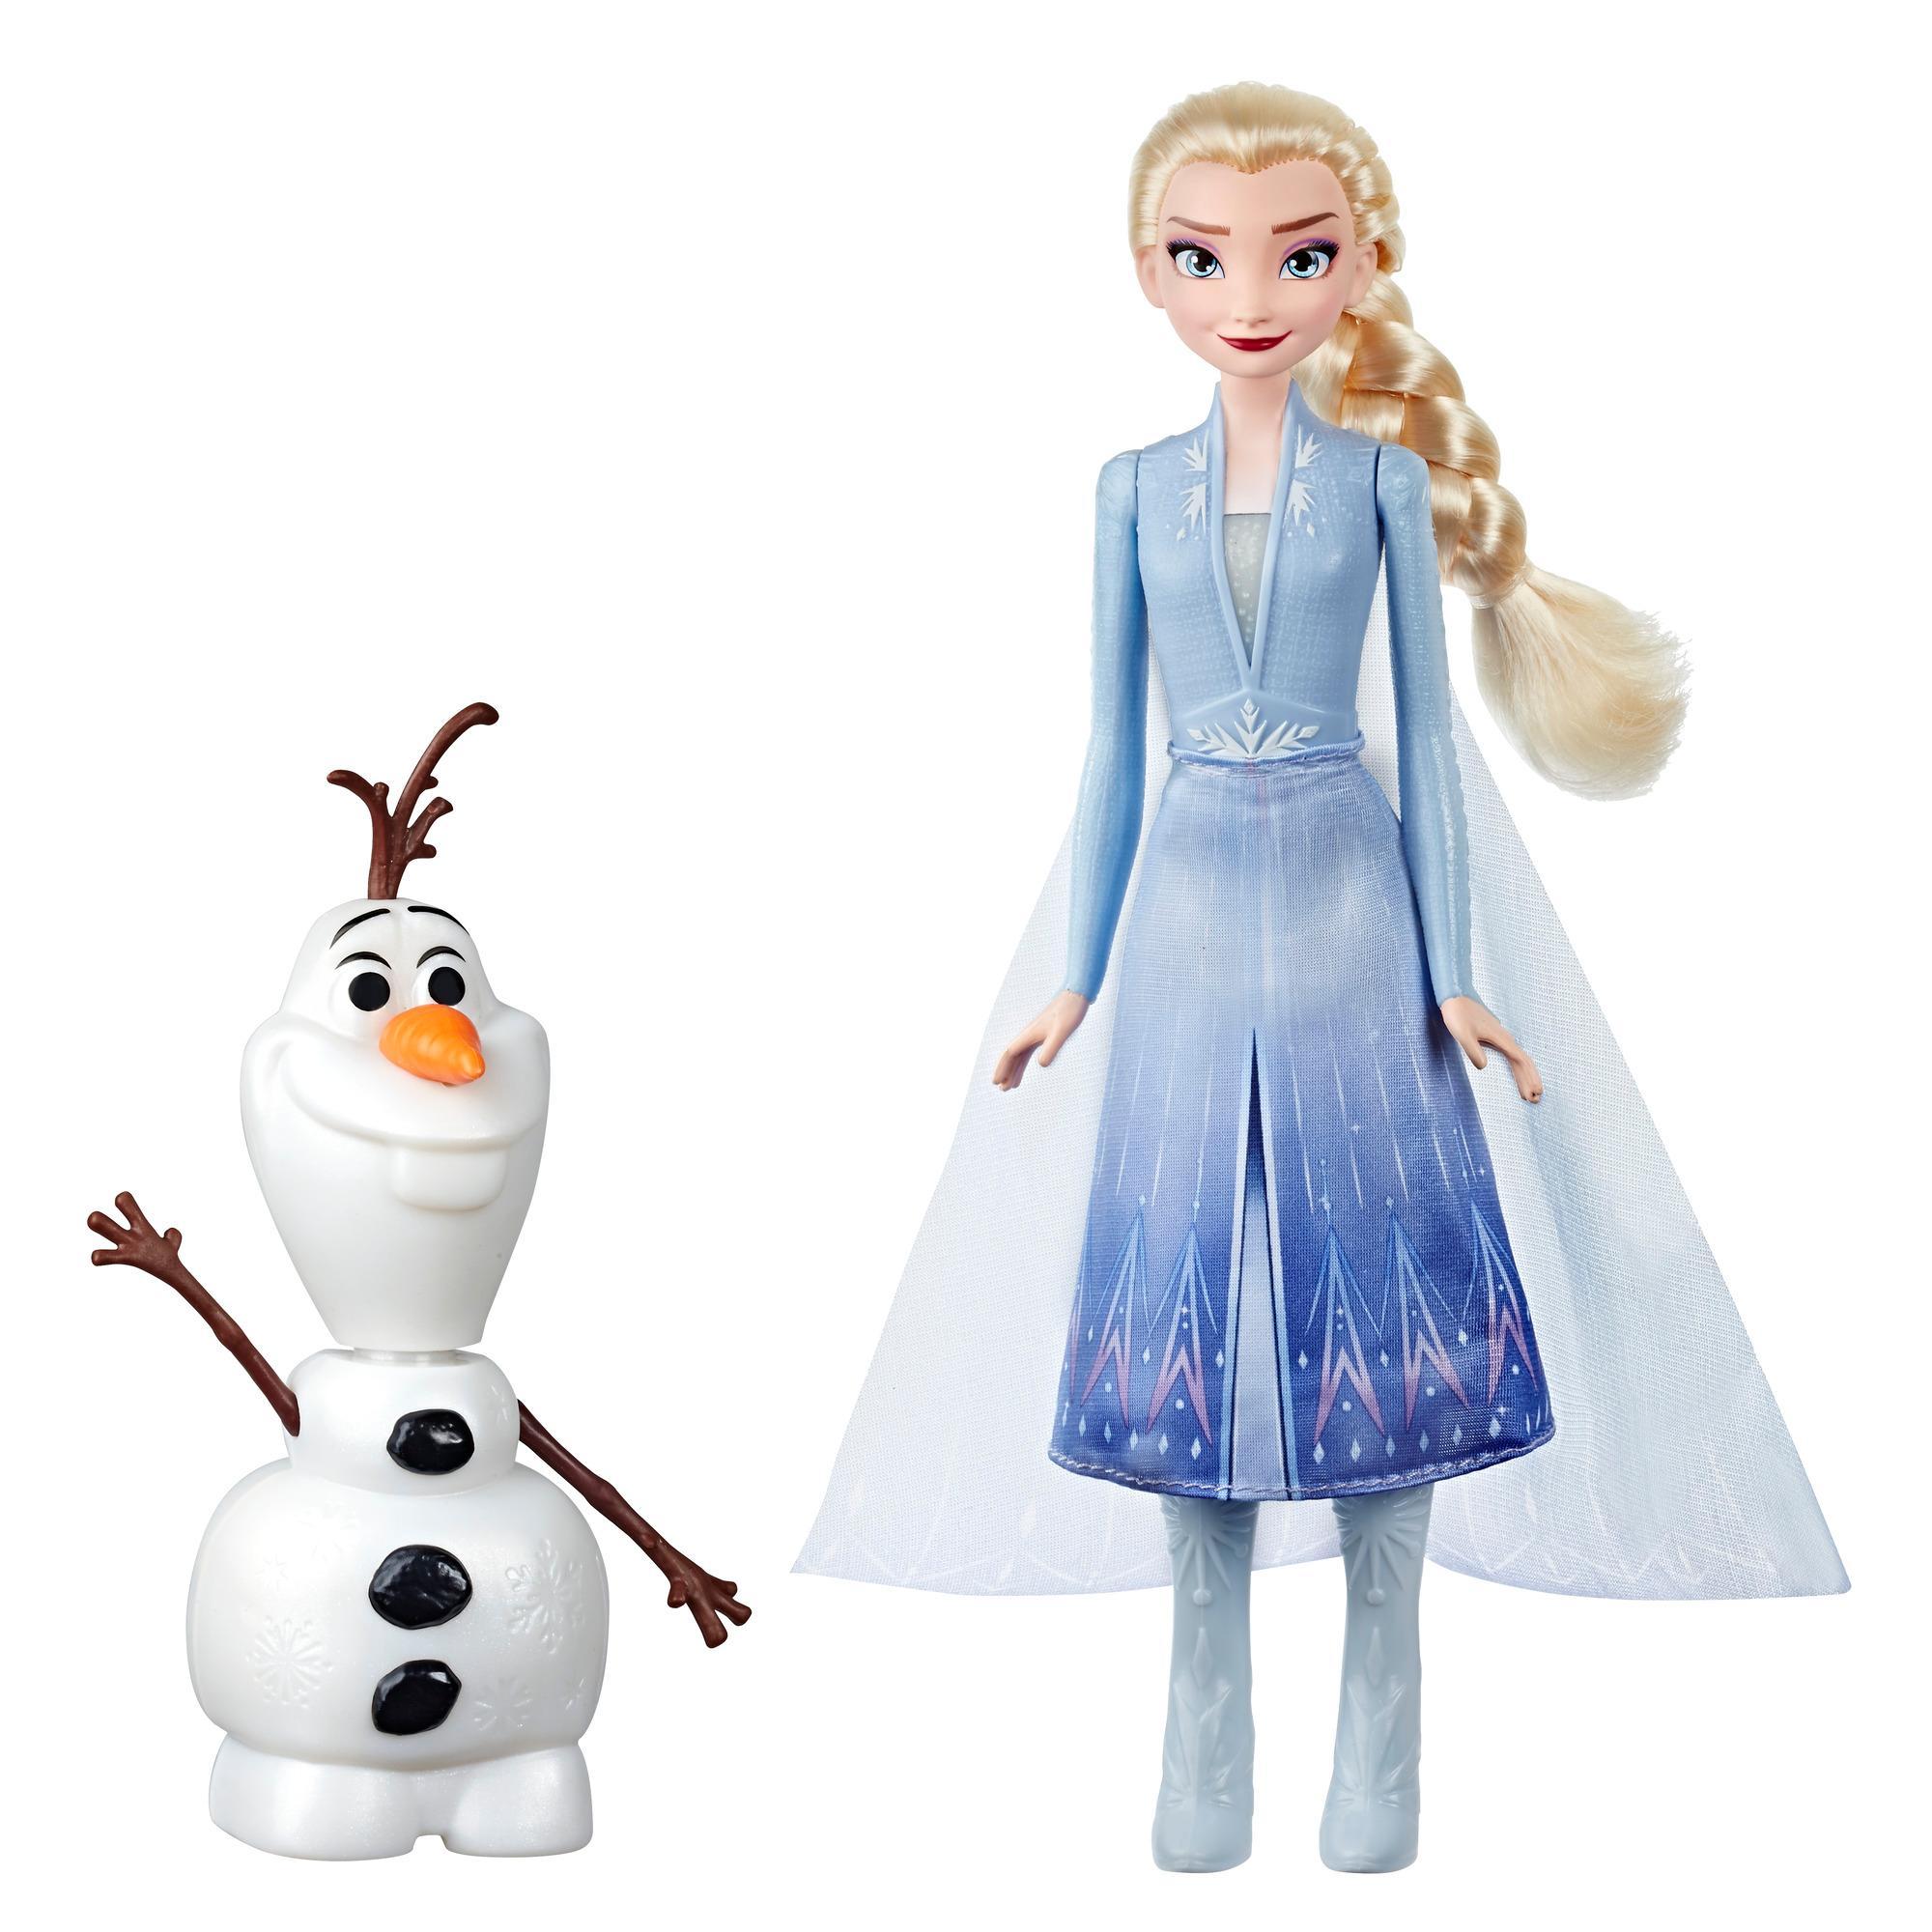 Disney Frozen 2 Konuşan Olaf ve Elsa